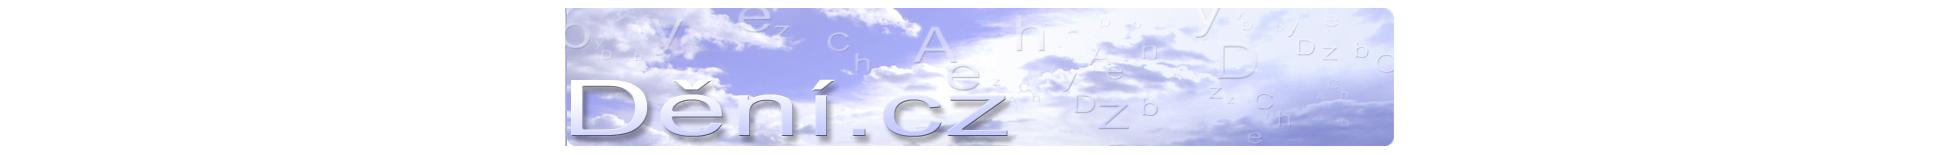 https://deni.cz/header.jpg